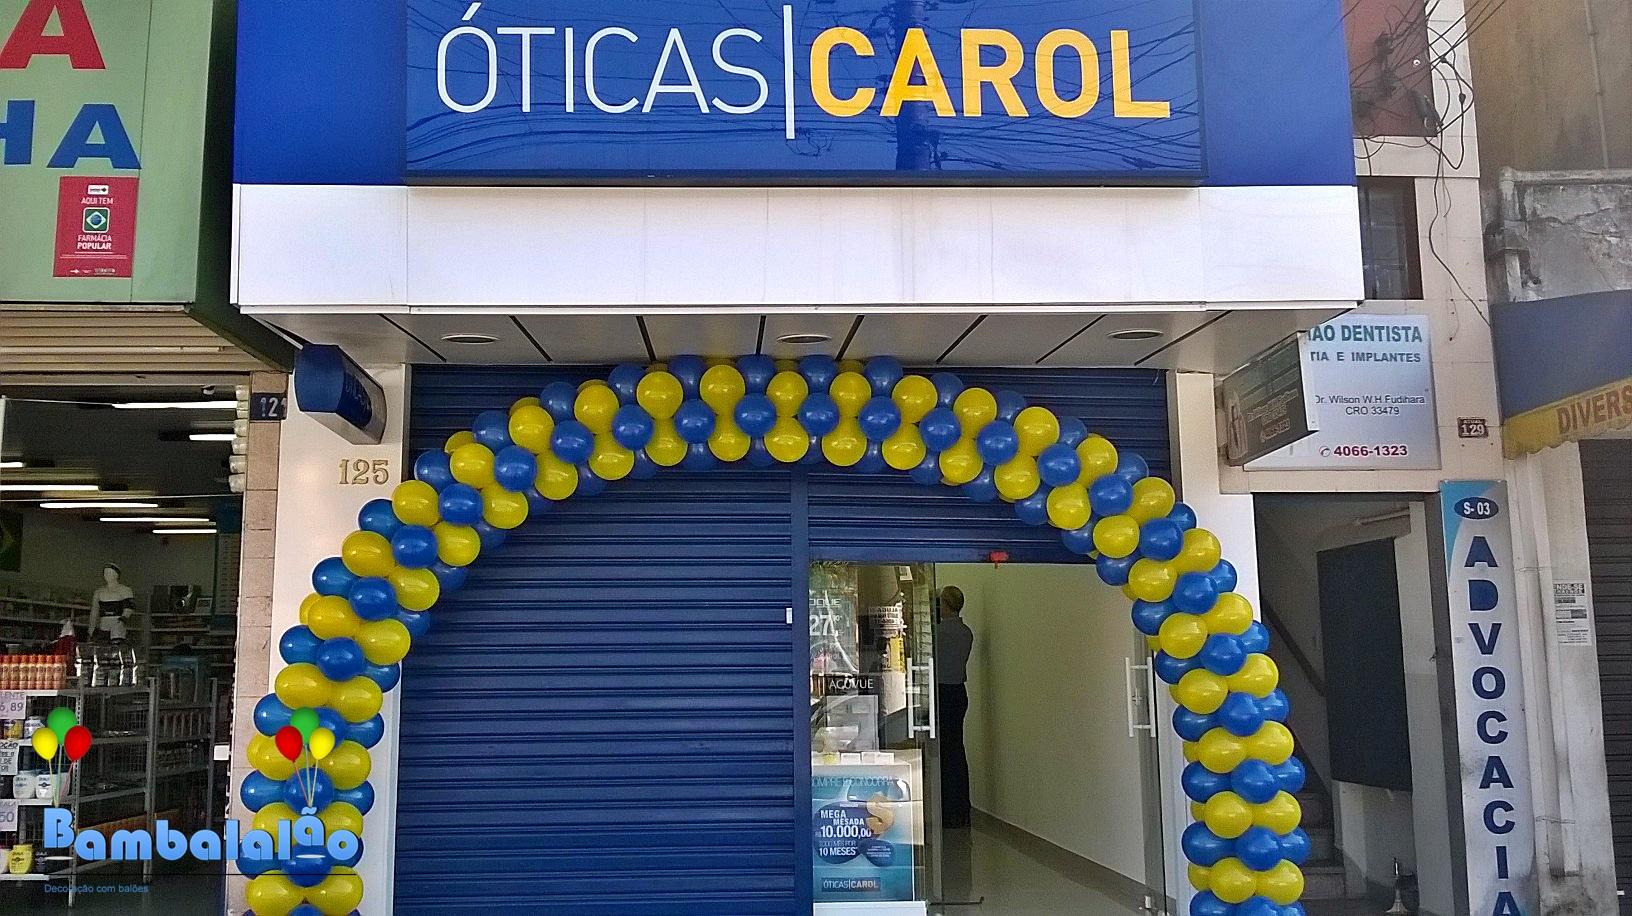 ARCO ÓTICAS CAROL